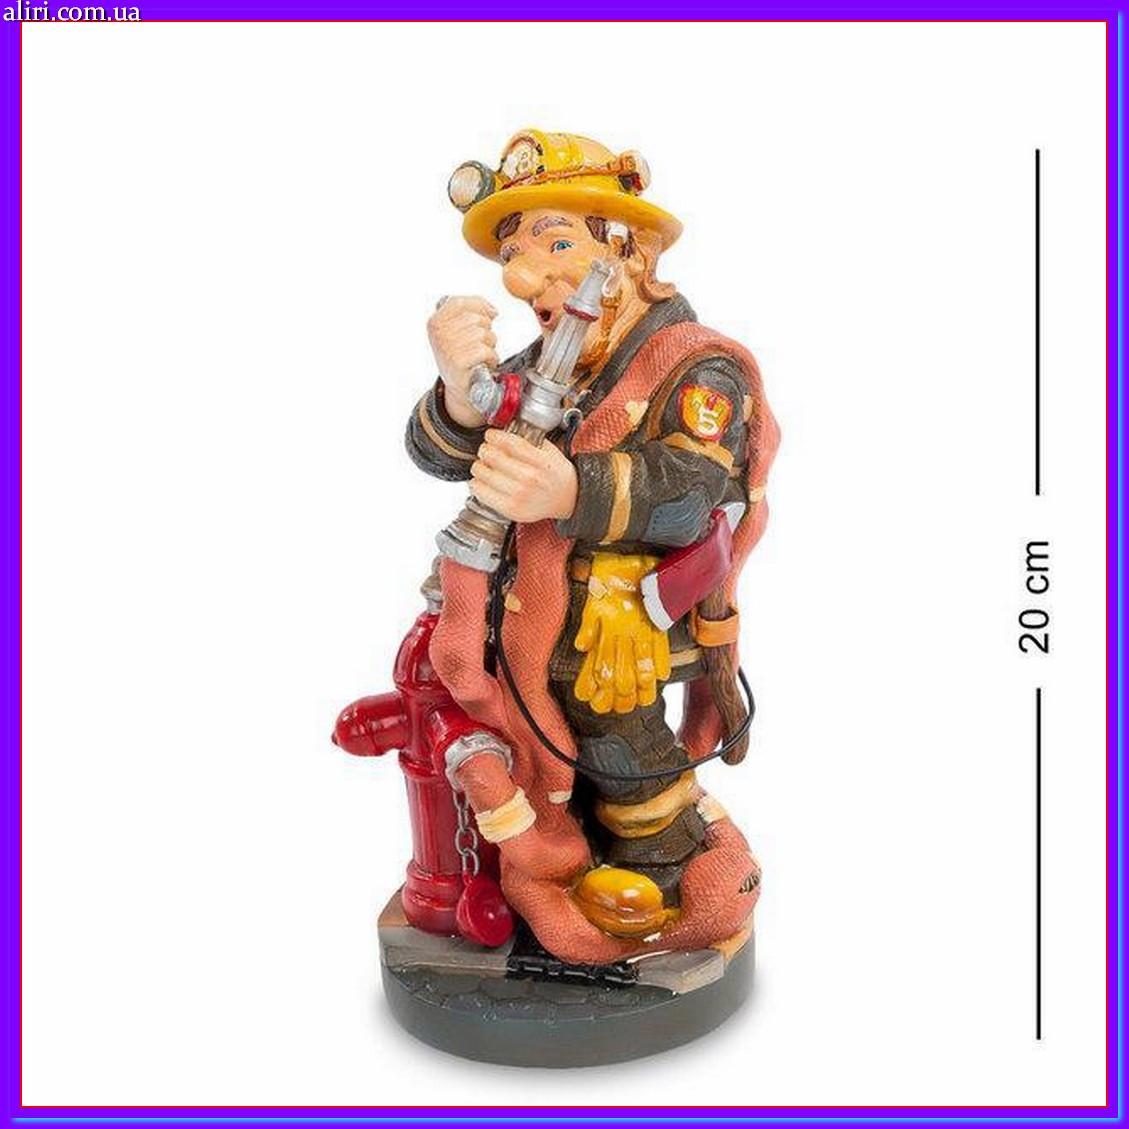 Статуэтка пожарный 20 см Profisti.Parastone, прикольный подарок пожарному МЧС